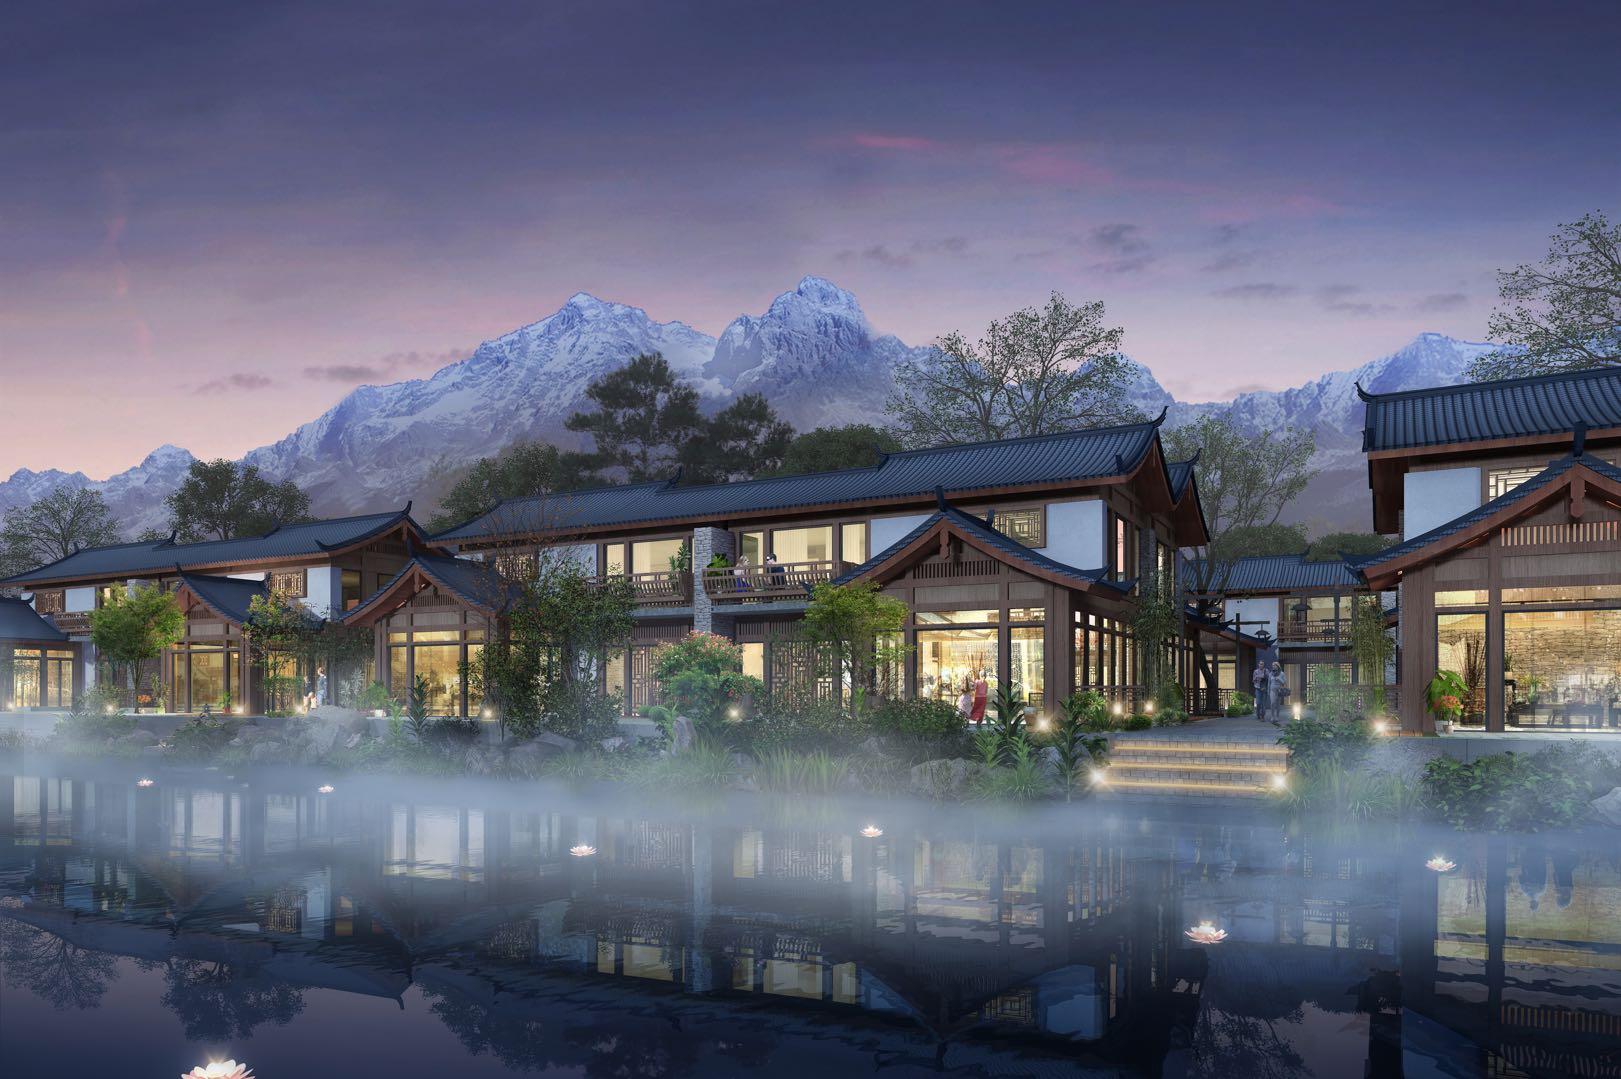 束河秘境国际康养度假区 院墅产品度假之选